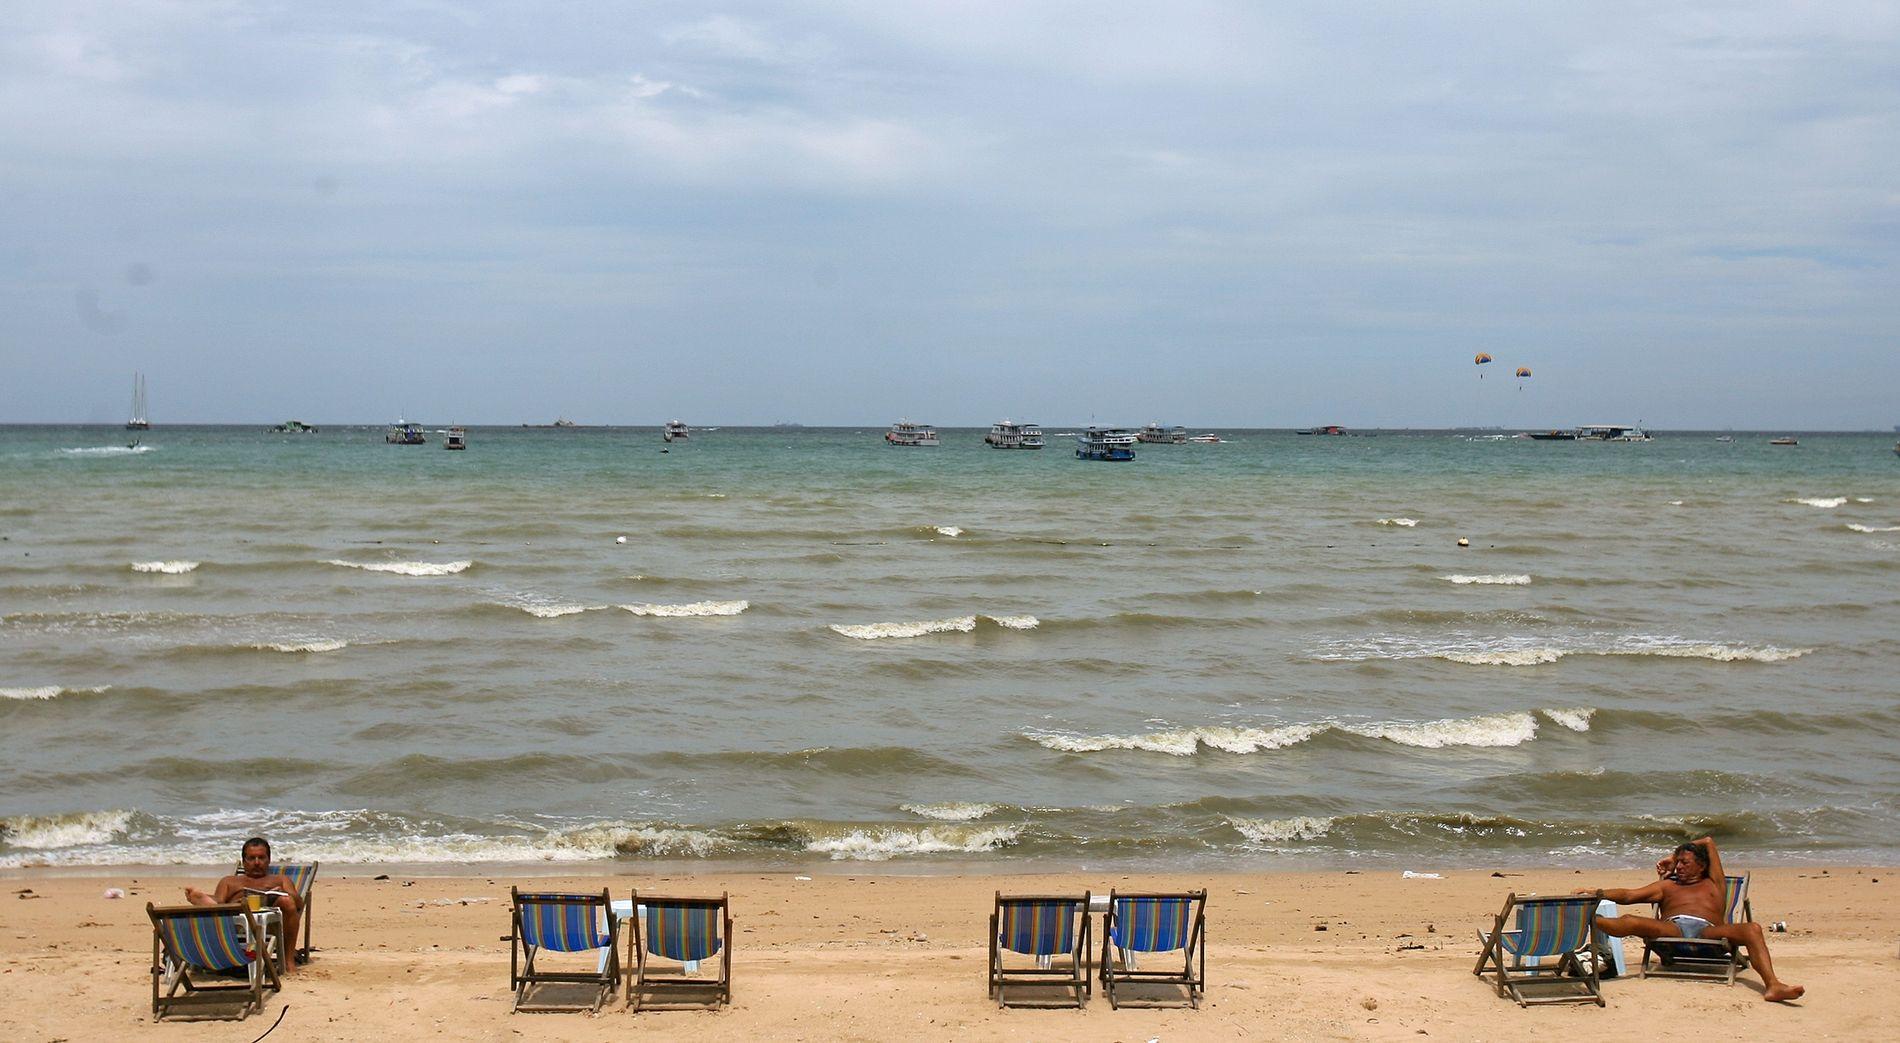 SNØFATTIG: I Pattaya sitter - og i dette tilfellet ligger -  turistene langs stranden, ikke langs skiløypene. Her skal FIS holde sin kongress neste vår.